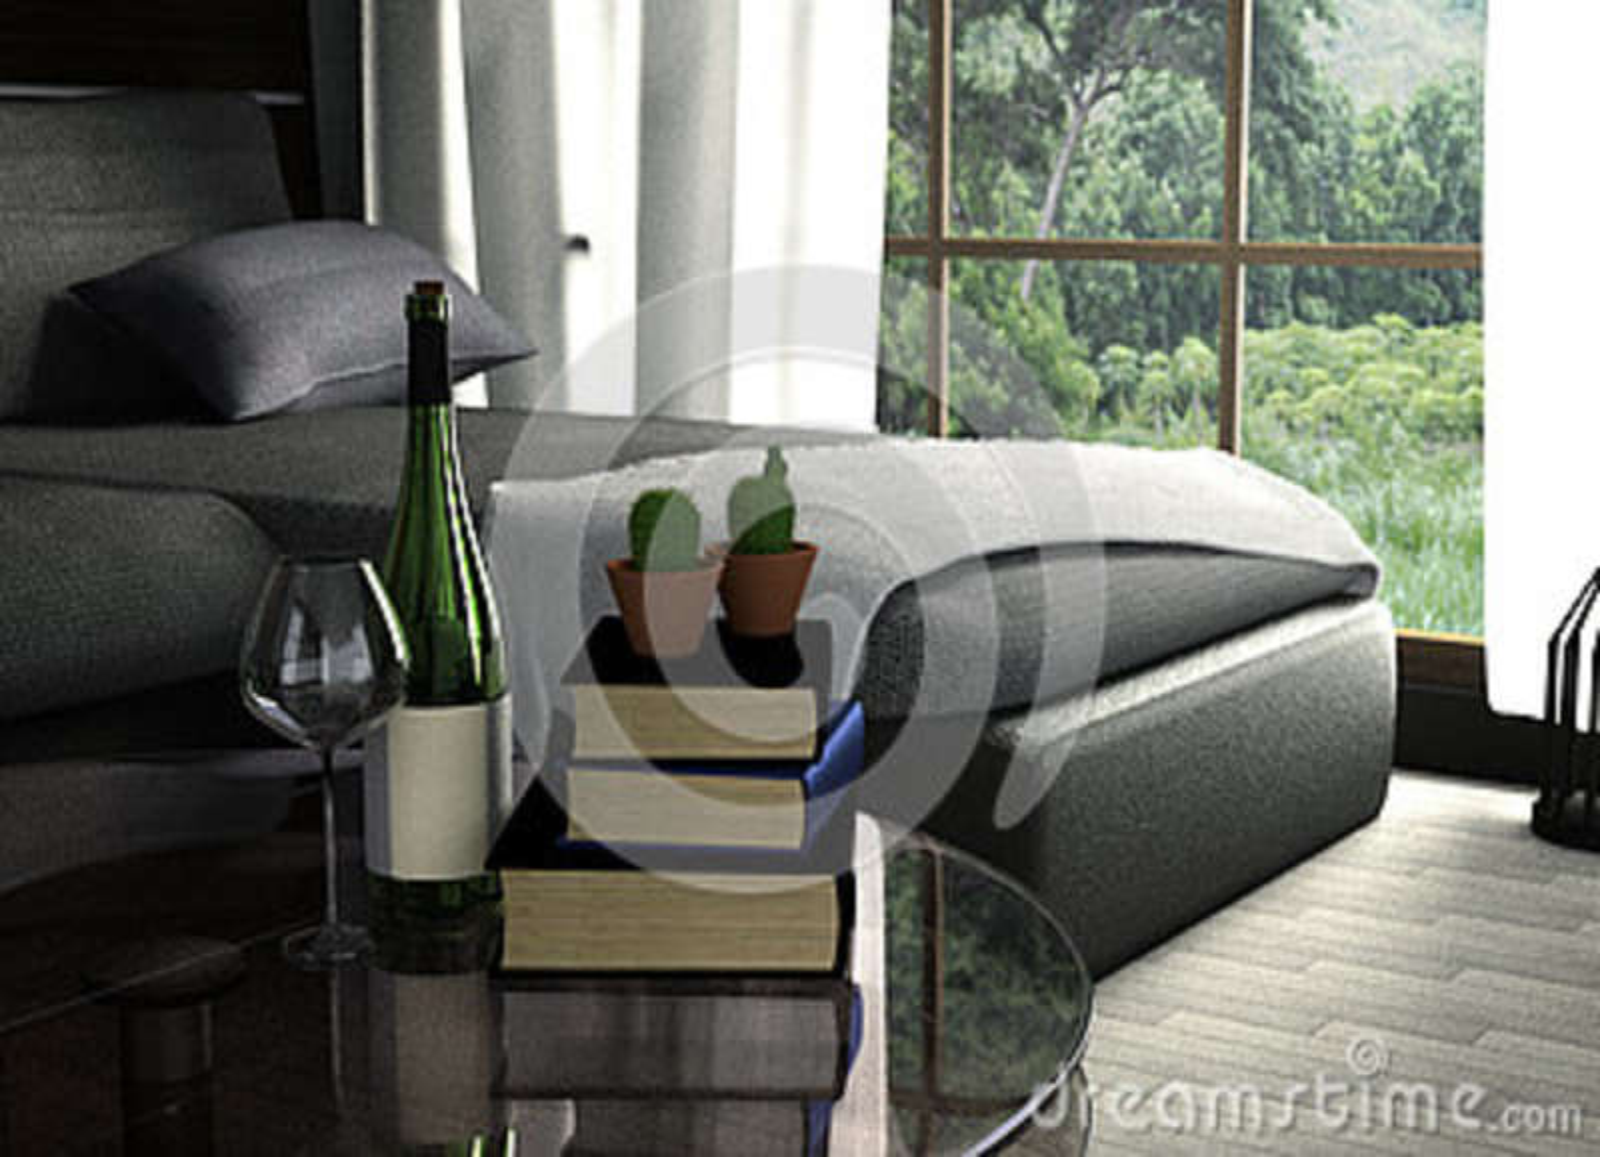 Rendu 3D : Illustration De Conception Intérieure De Salon Style ...